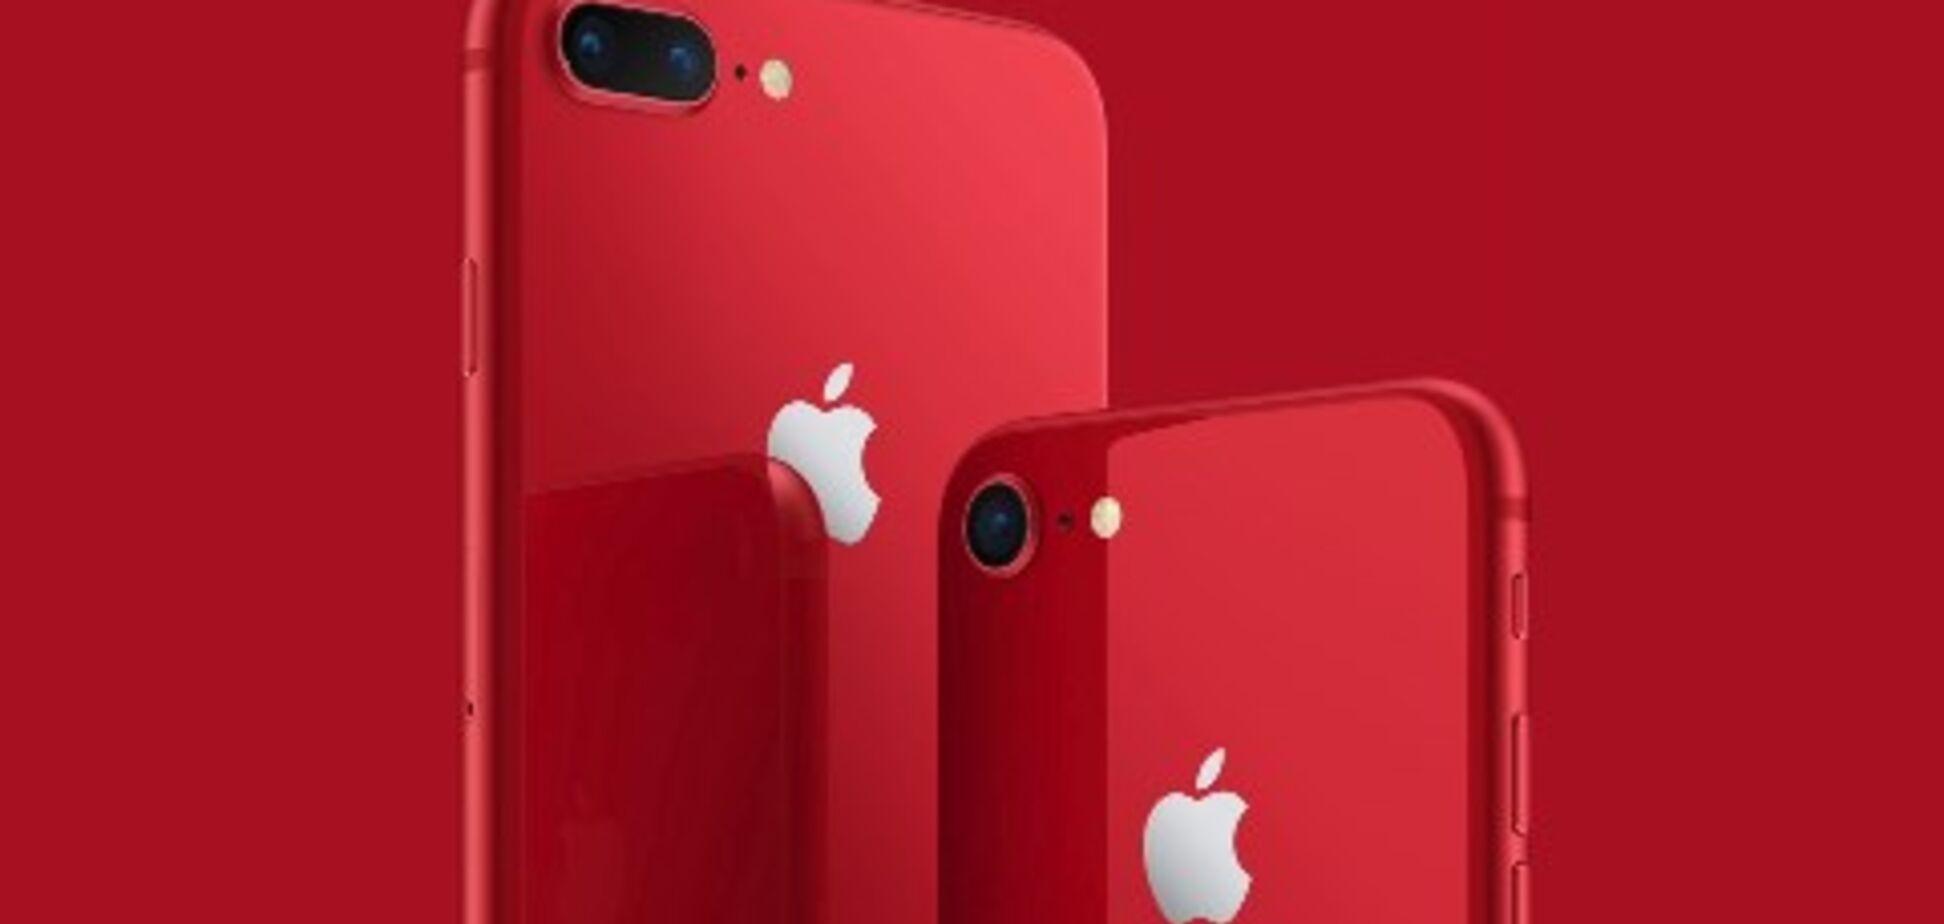 Проти СНІДу: Apple випустила унікальний iPhone